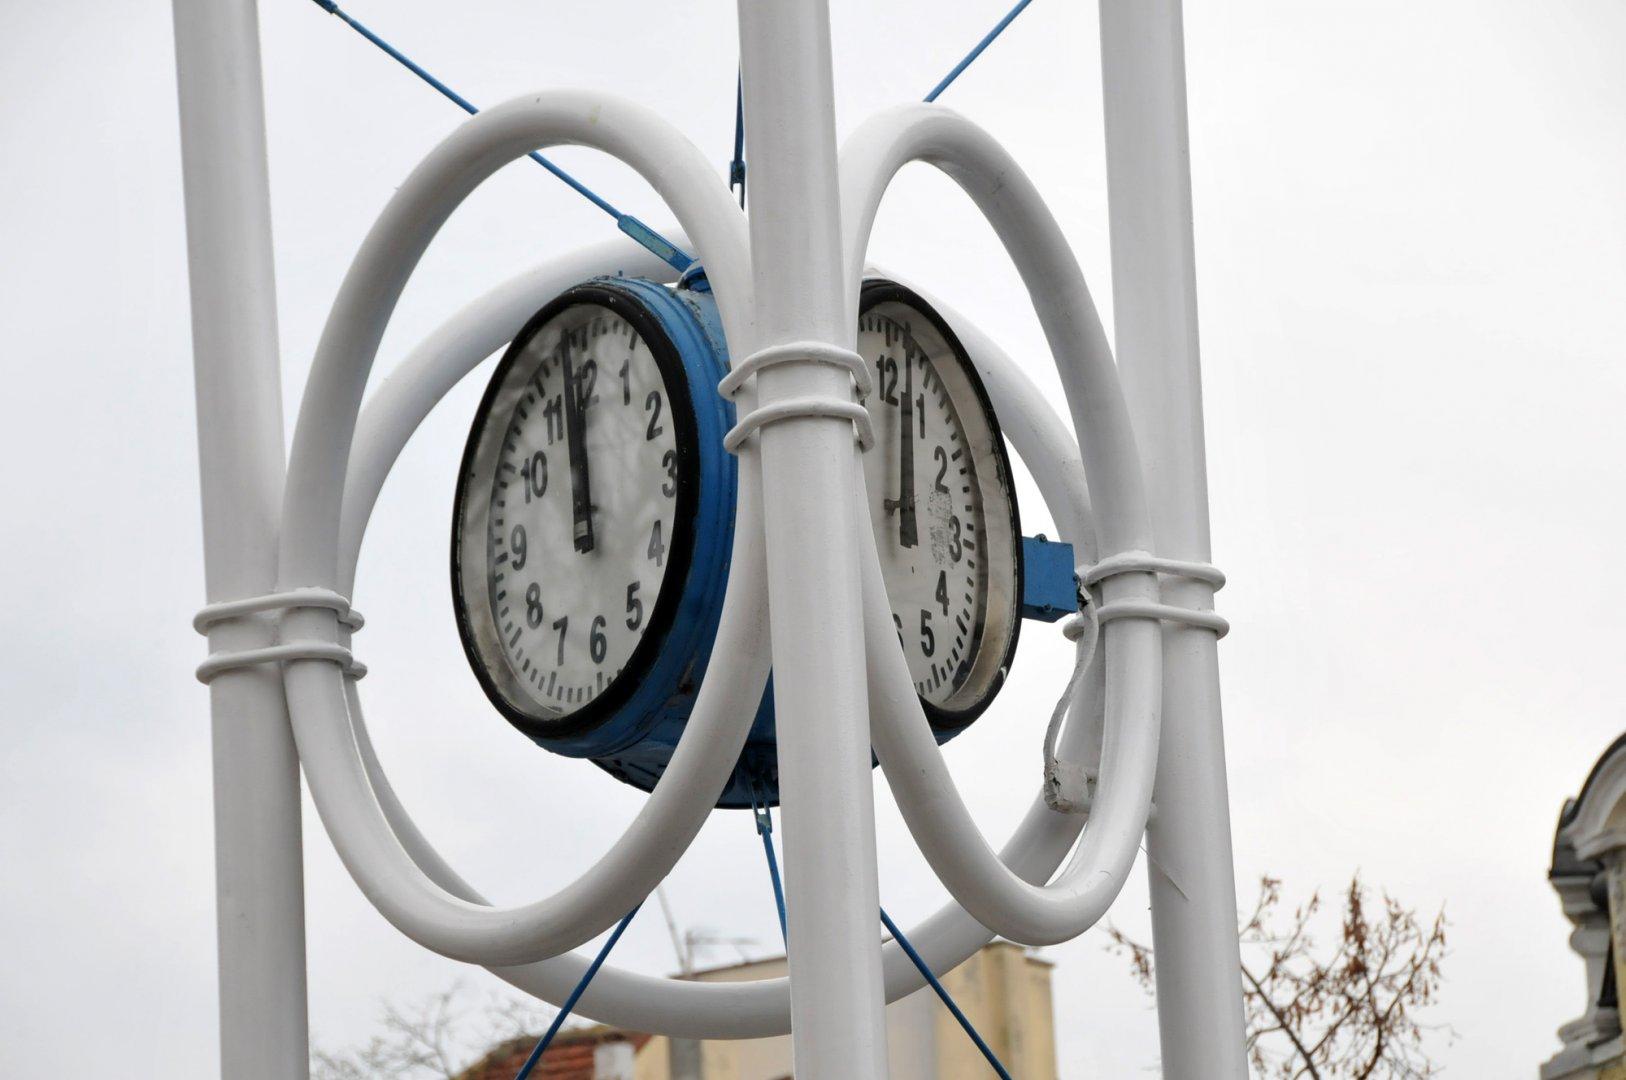 Часовникът до Общината няма да работи още известно време. Снимки Лина Главинова